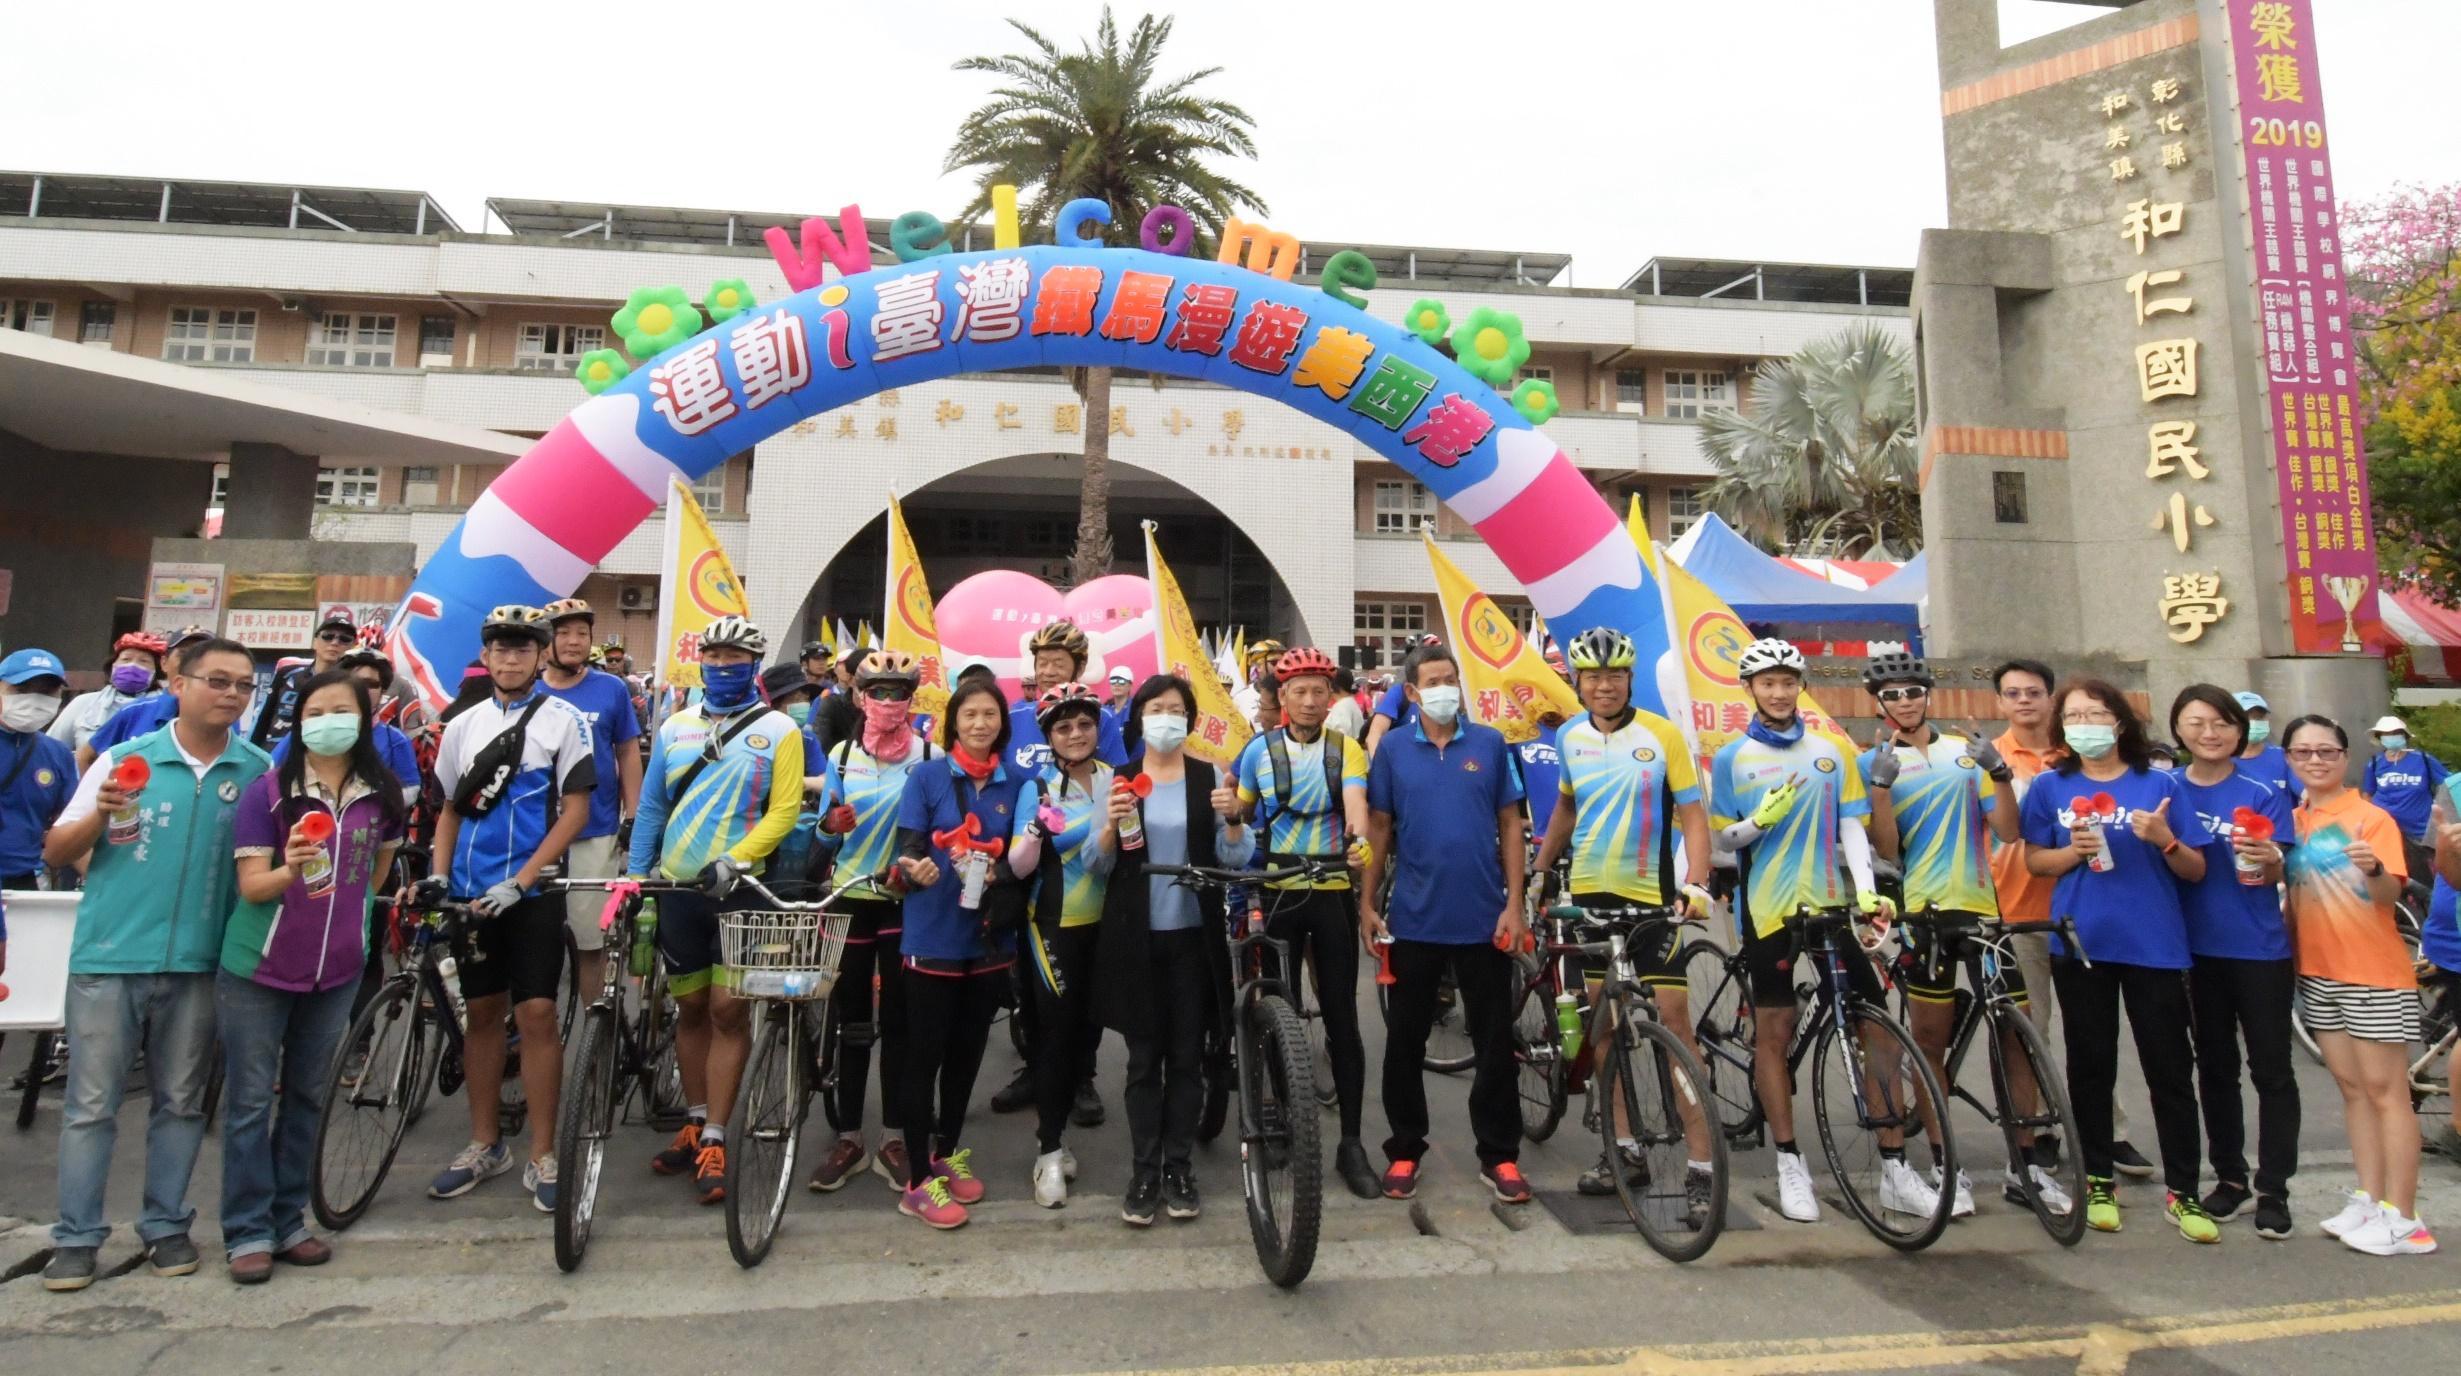 109年運動i臺灣計畫-單車運動樂活 漫遊美西港 從和美和仁國小出發訪古厝